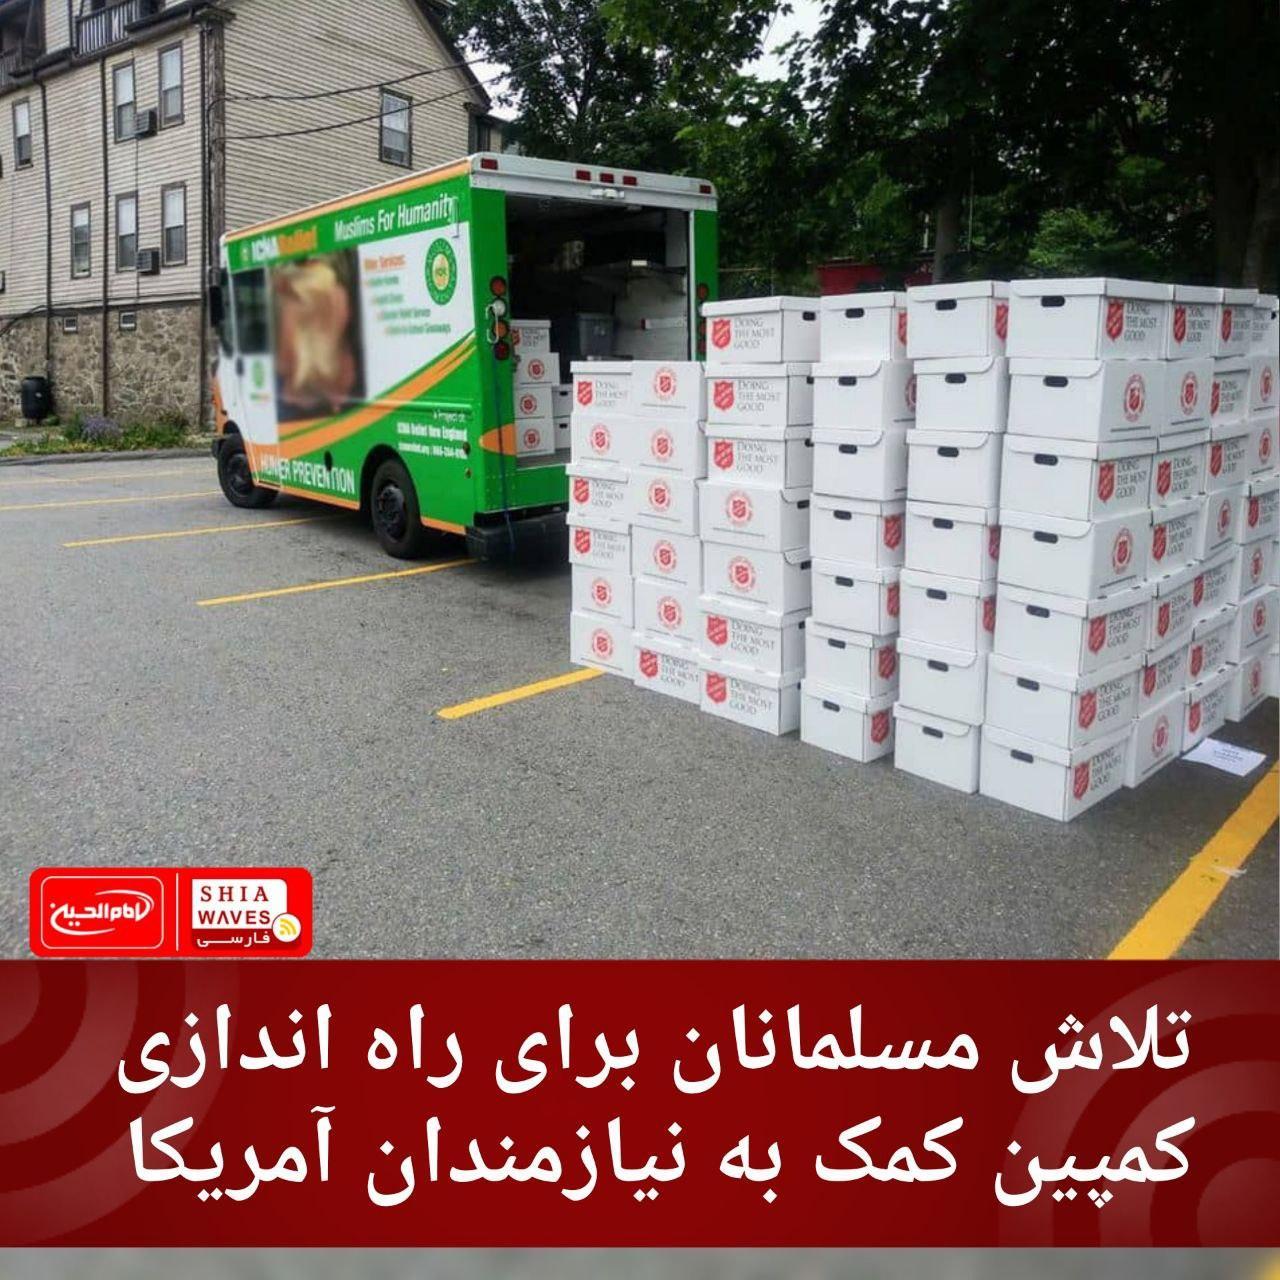 تصویر تلاش مسلمانان برای راه اندازی کمپین کمک به نیازمندان آمریکا